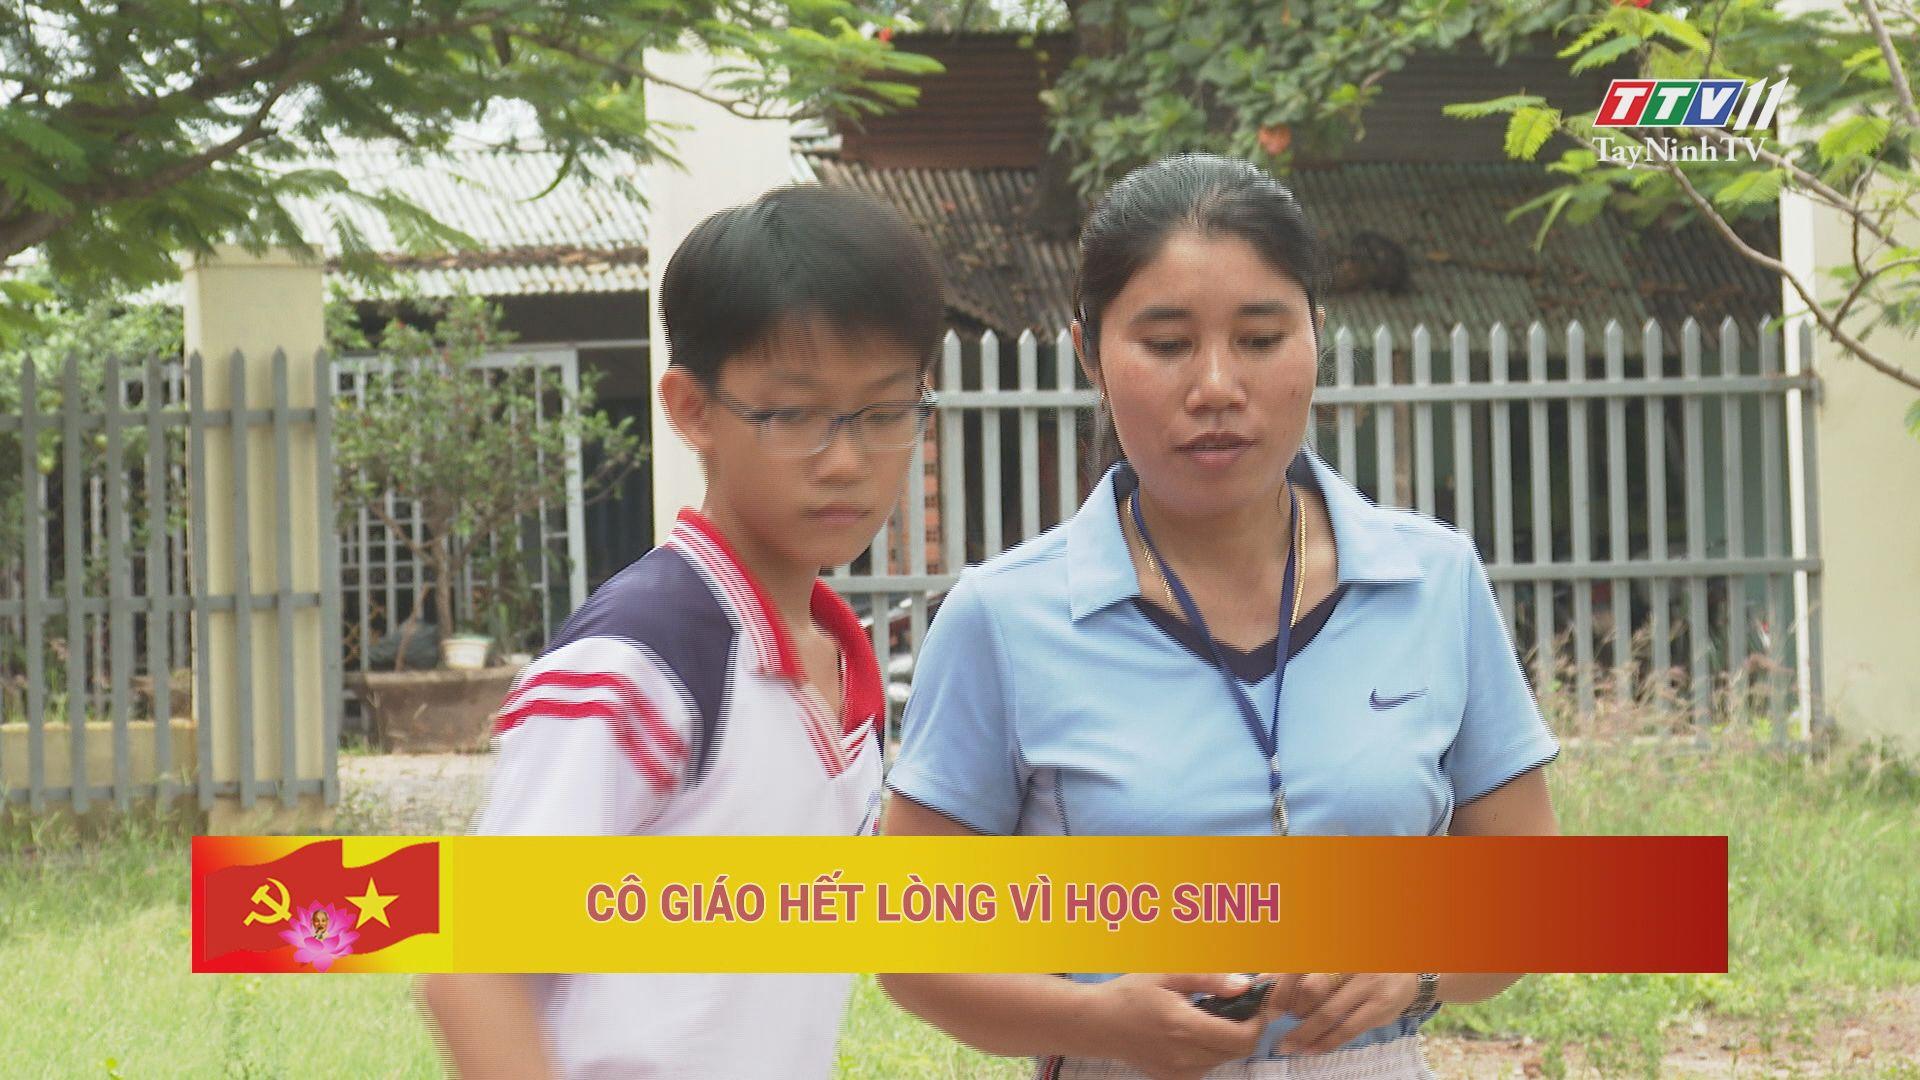 Cô giáo hết lòng vì học sinh | HỌC TẬP VÀ LÀM THEO TƯ TƯỞNG, ĐẠO ĐỨC, PHONG CÁCH HỒ CHÍ MINH | TayNinhTV